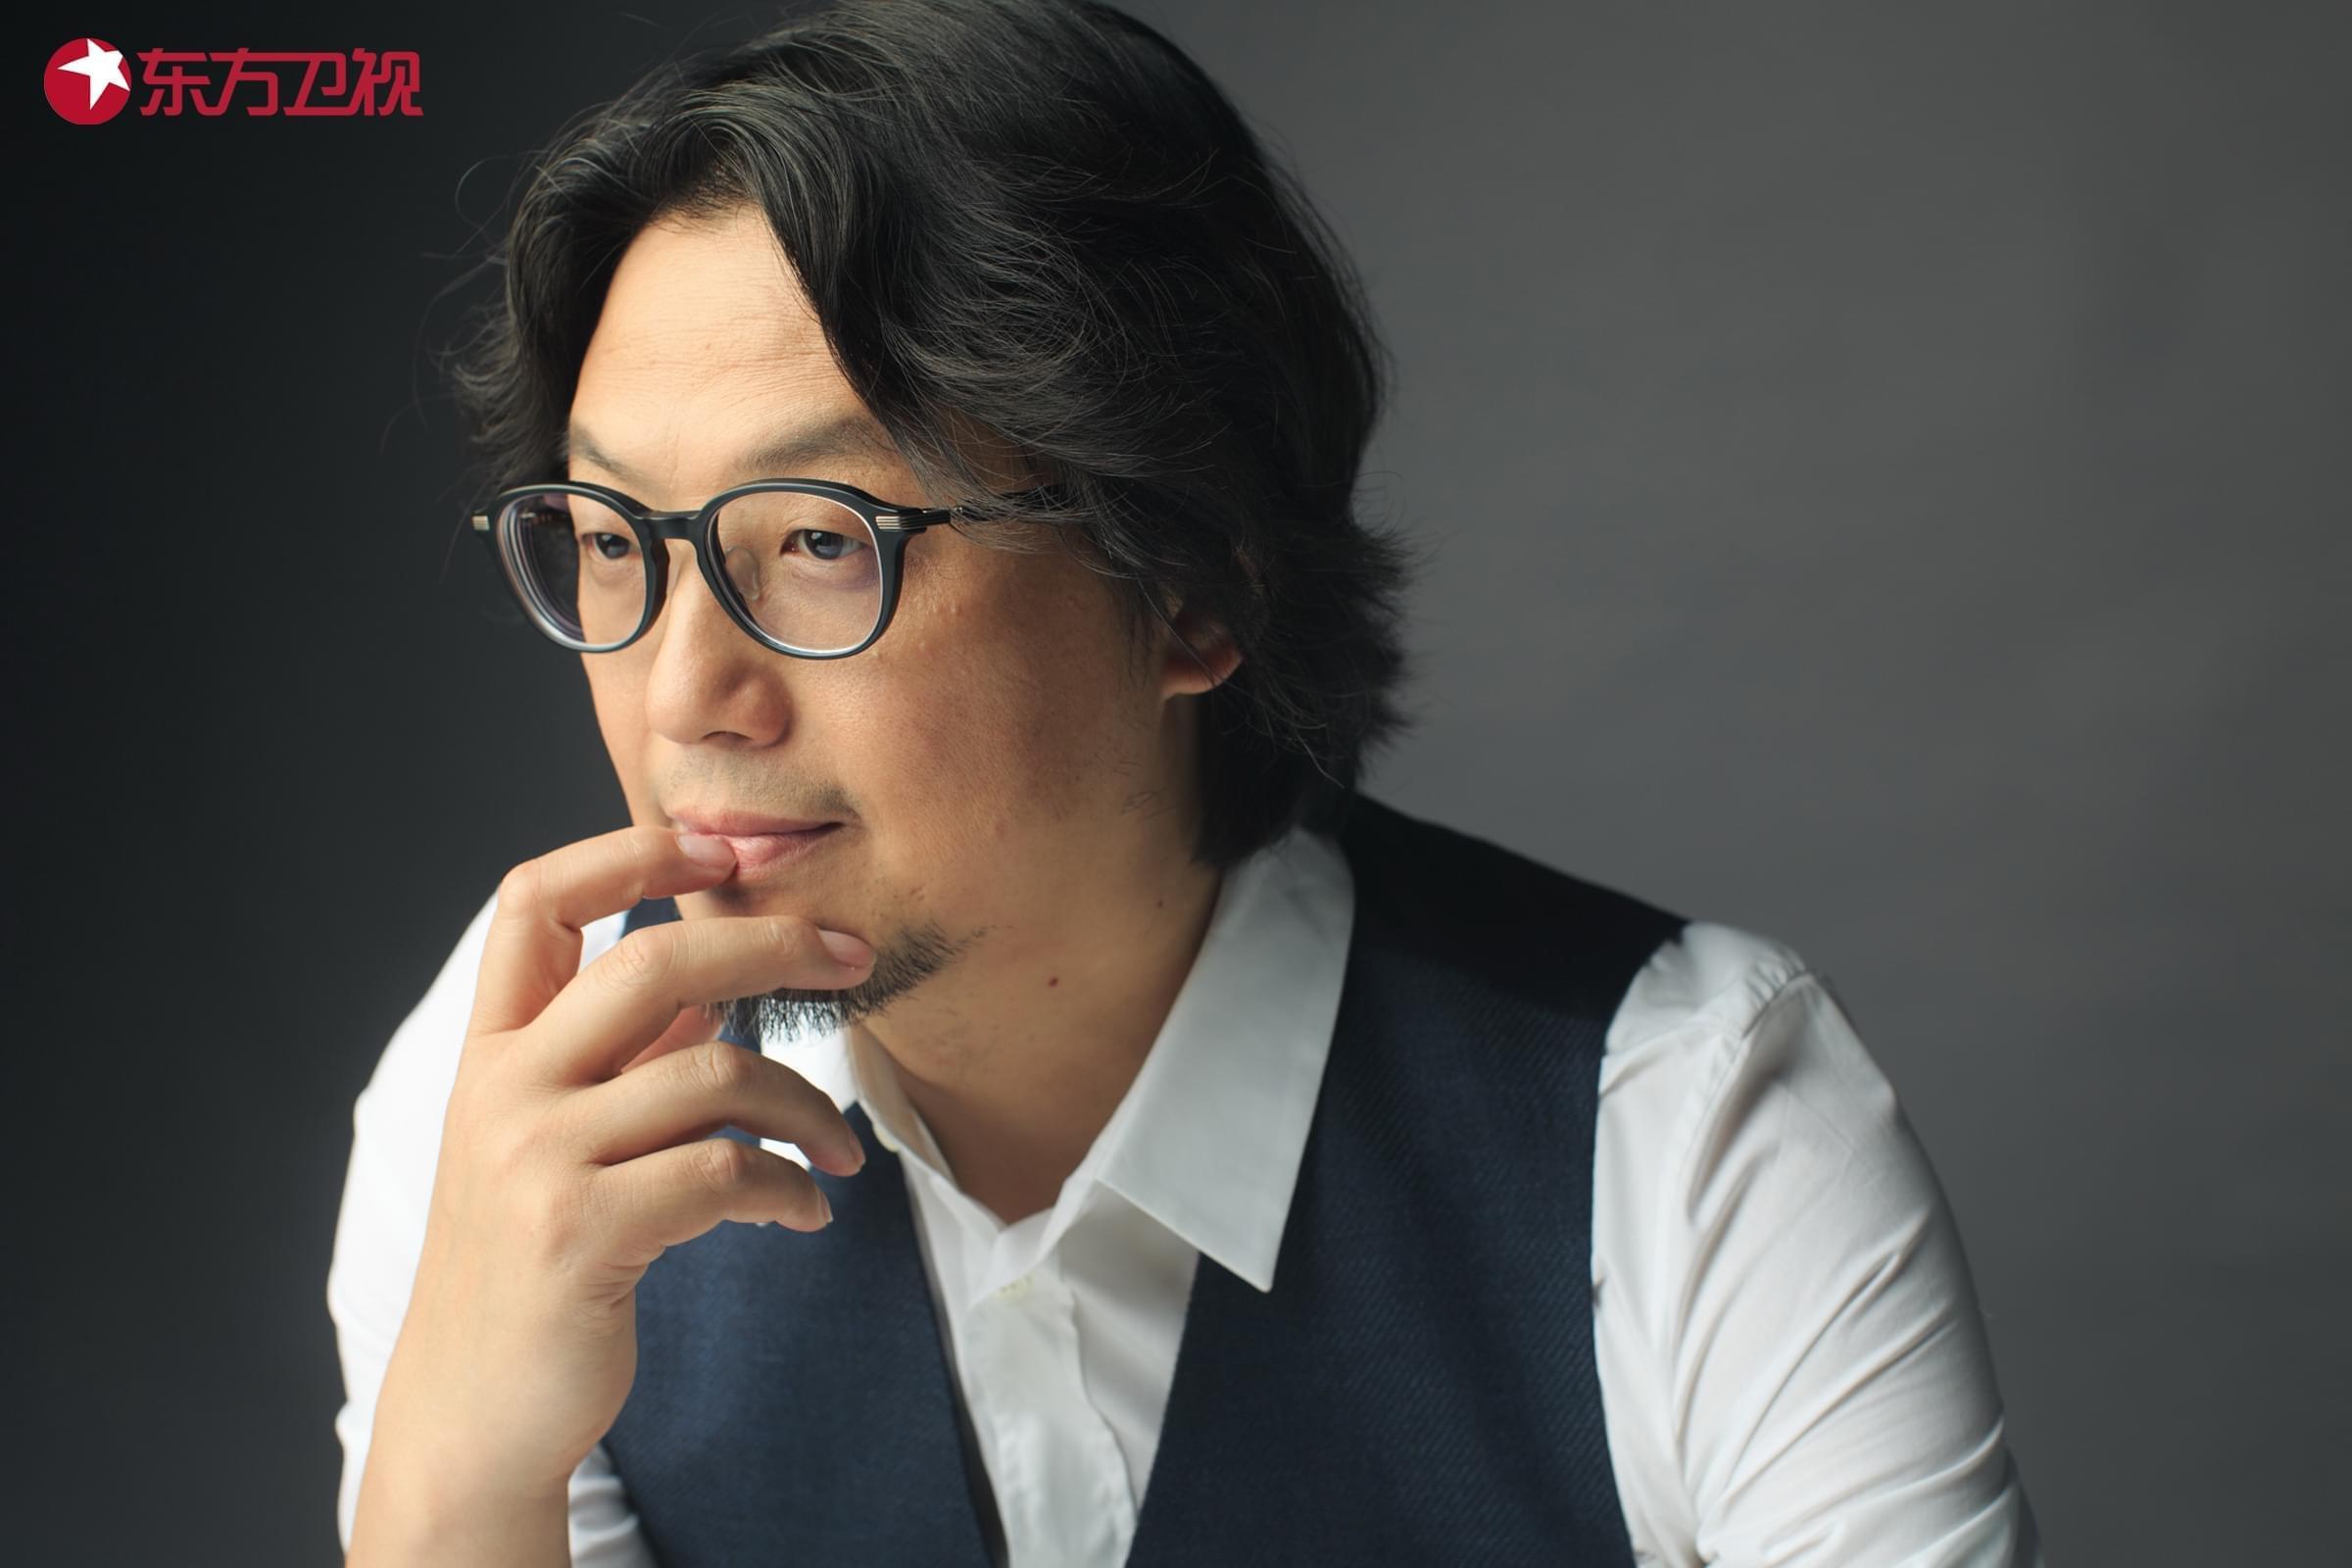 设计师陈彬开启《梦改》史上首次极致防水大改造